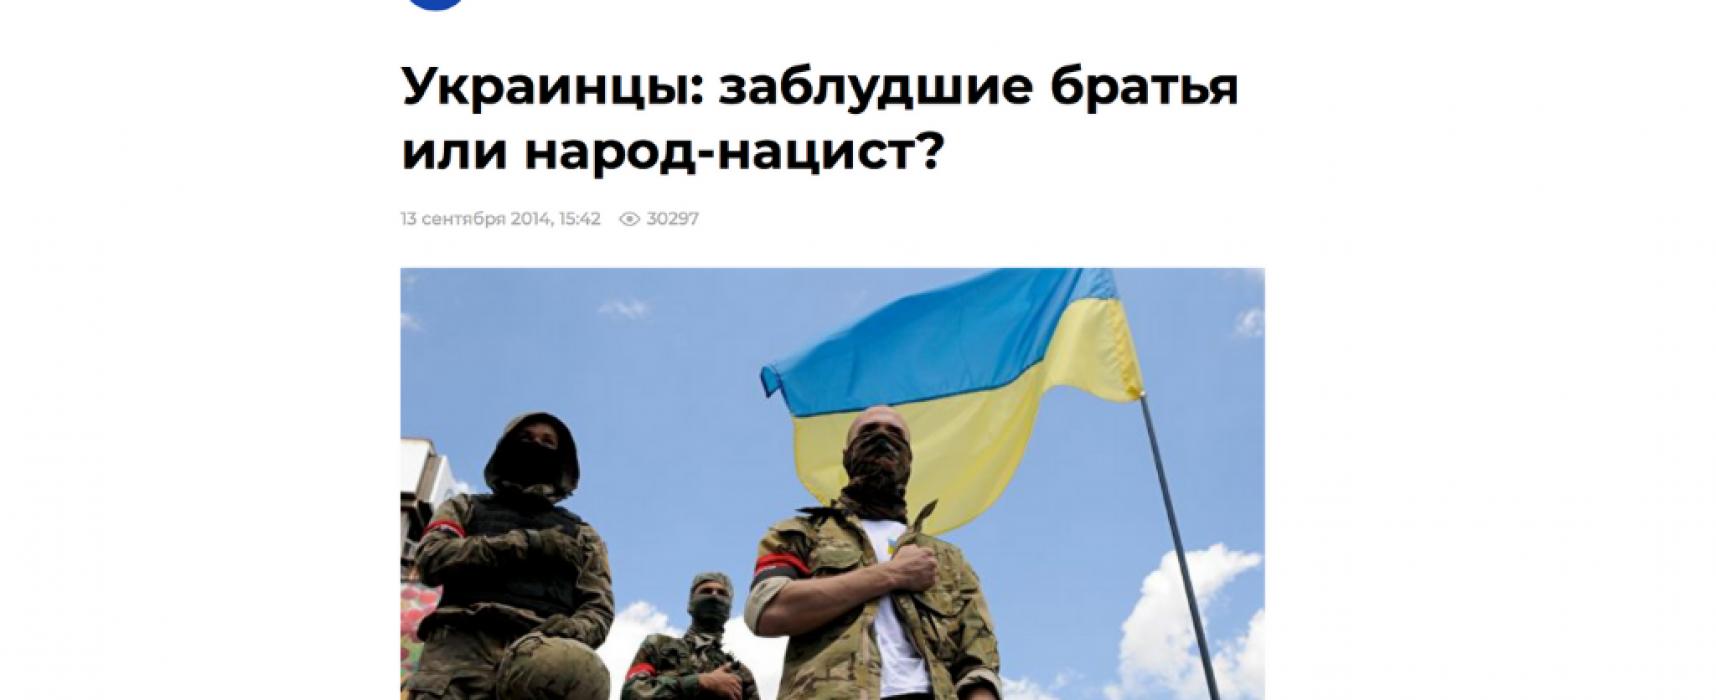 Наскільки сильною є одержимість Кремля Україною? Спойлер: дуже сильною